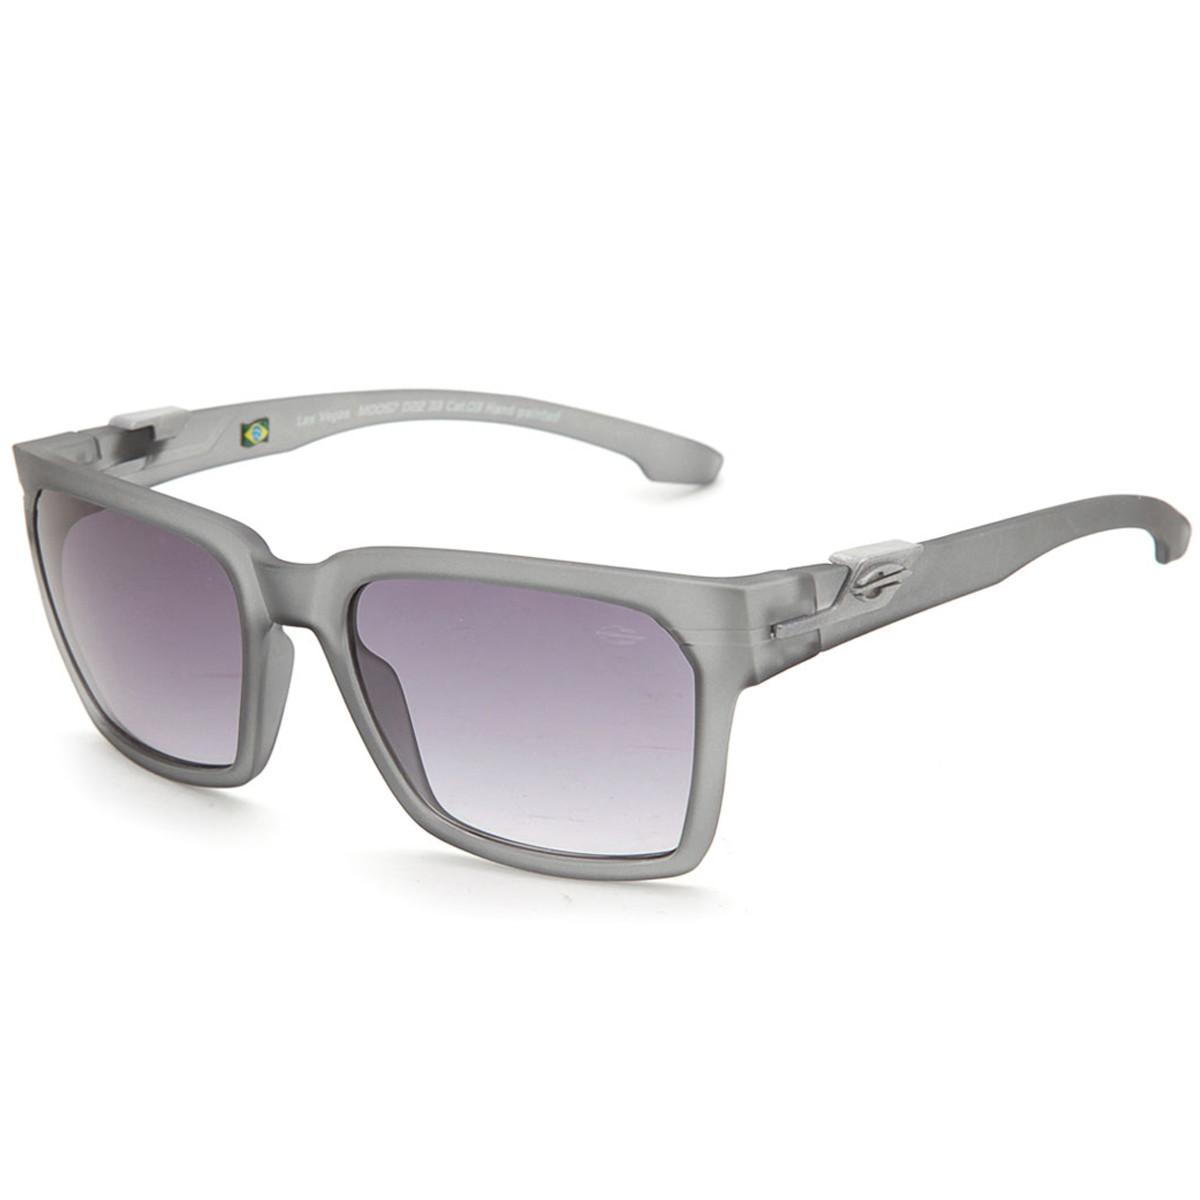 9007eb655e6c7 Óculos Mormaii Las Vegas Fume Fosco Lente Cinza Degrade ref M0057D2233